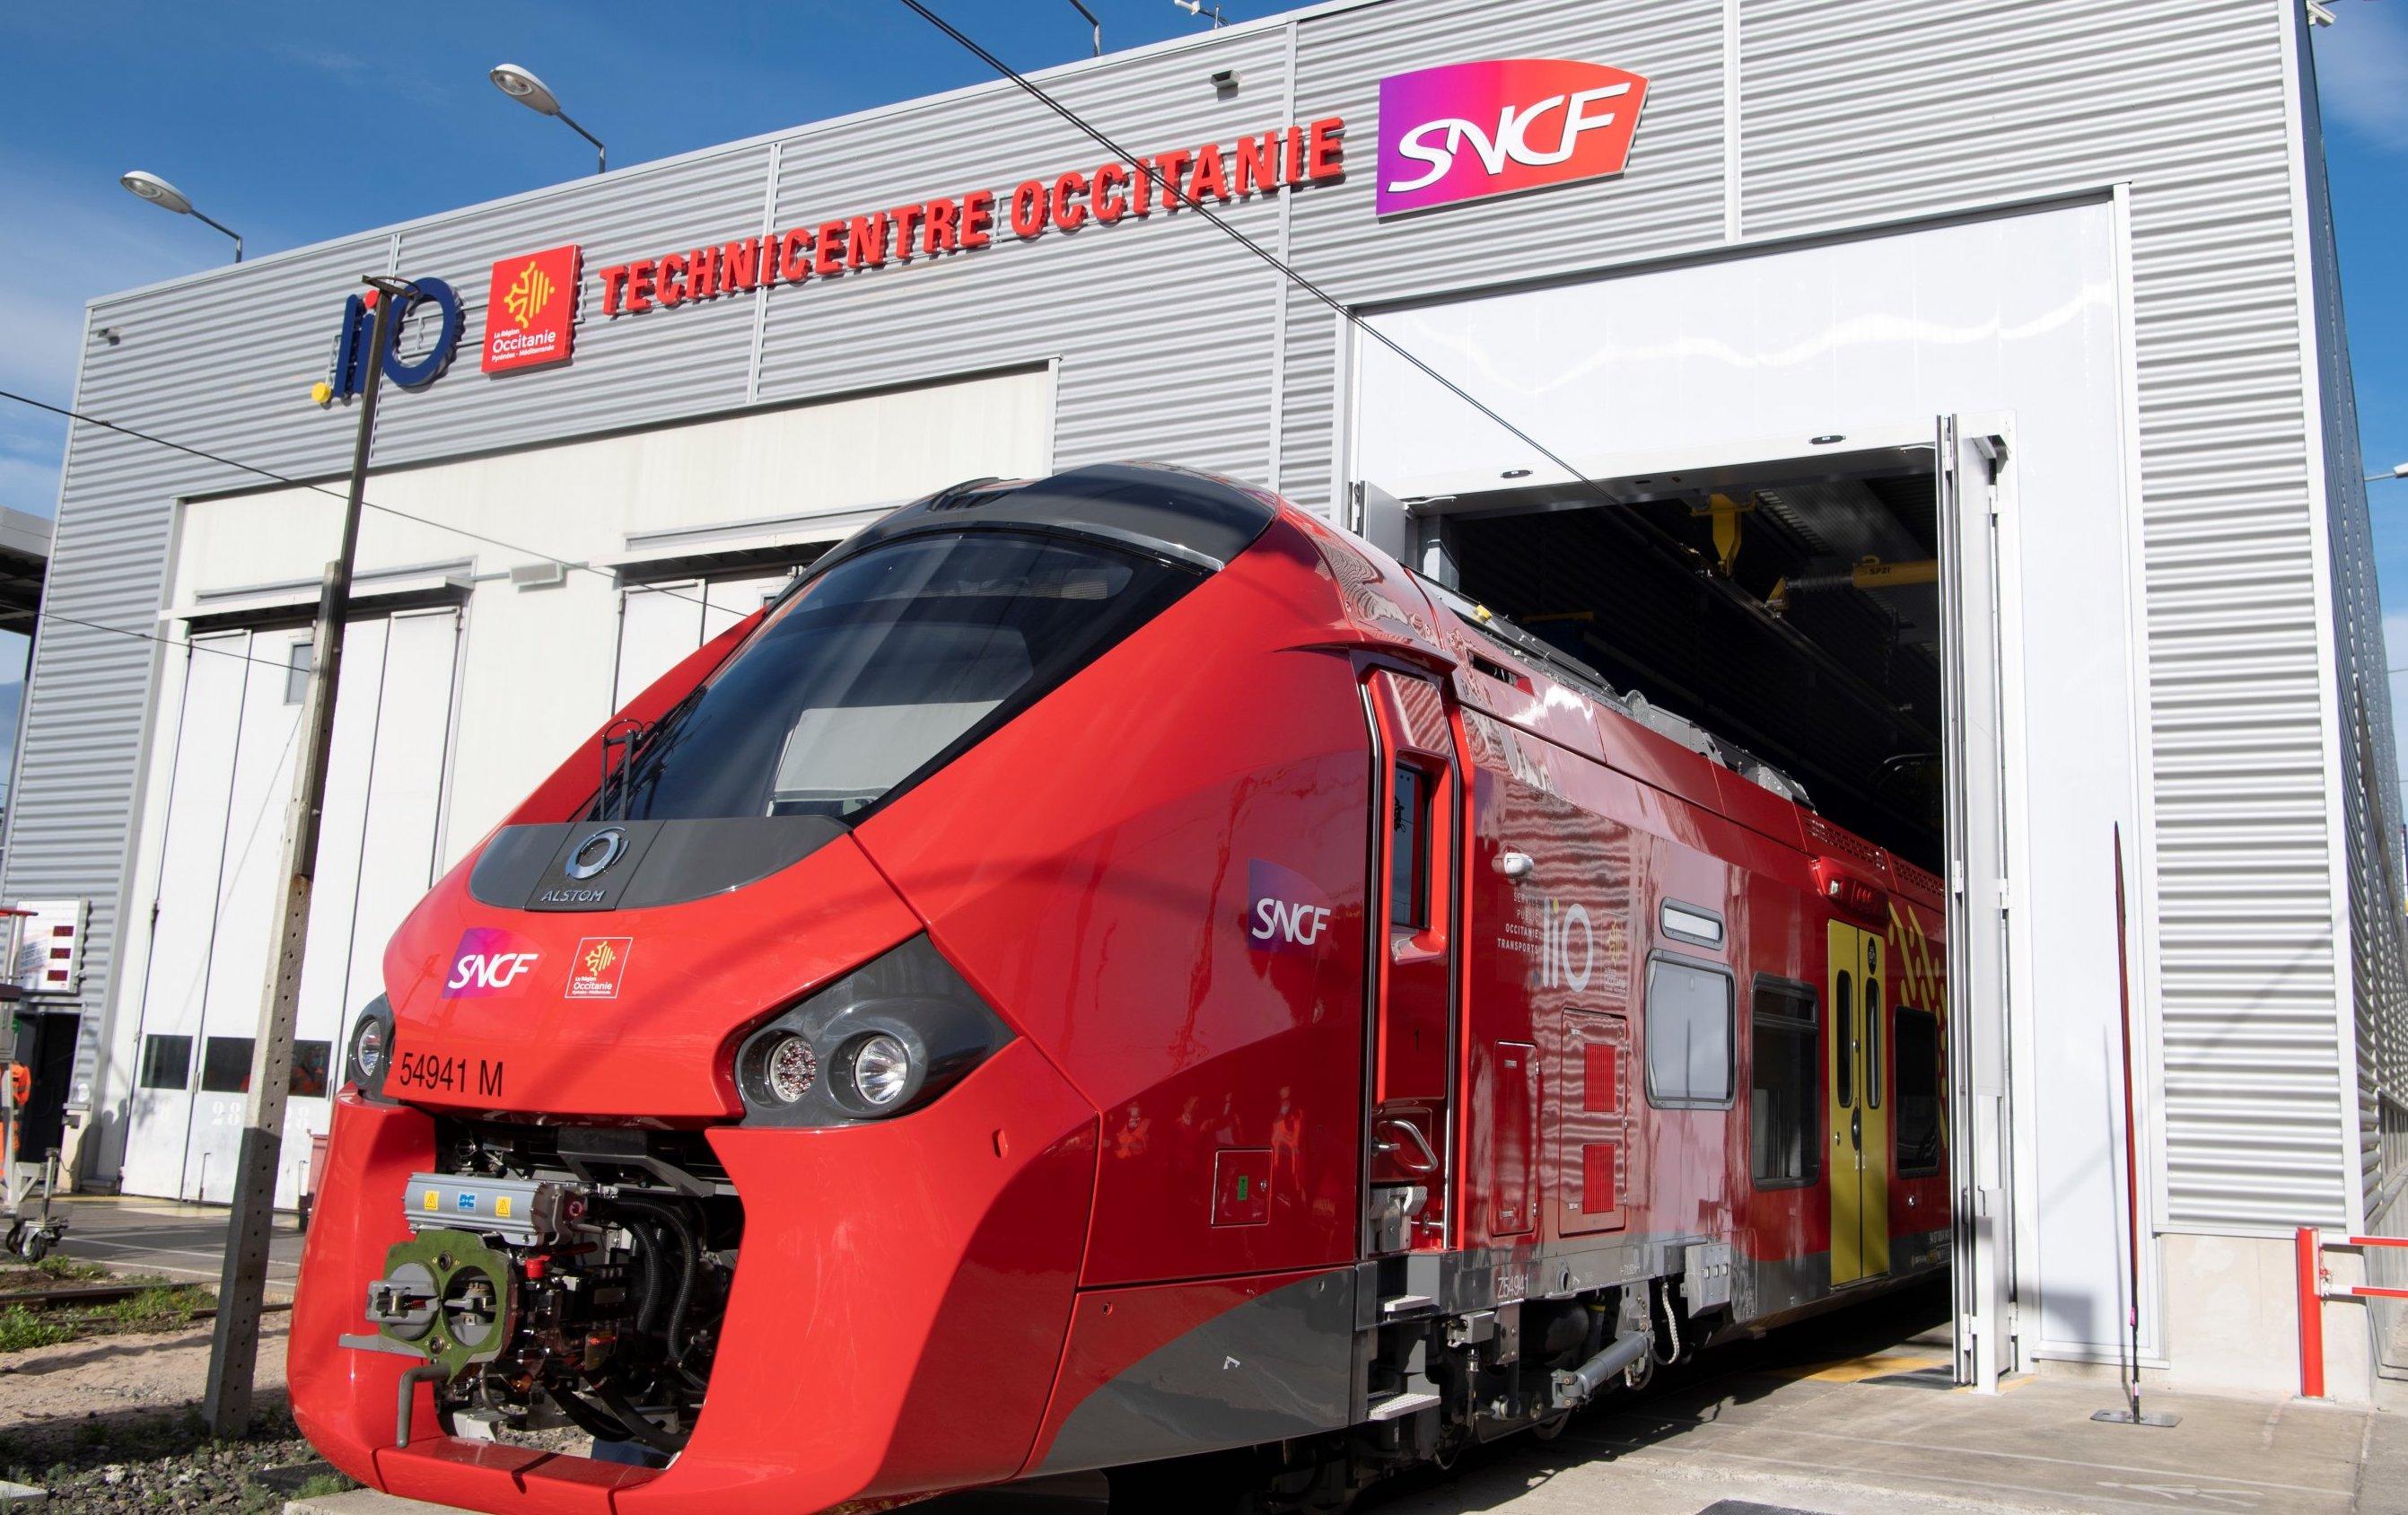 Région Occitanie train liO SNCF (©Laurent Boutonnet)